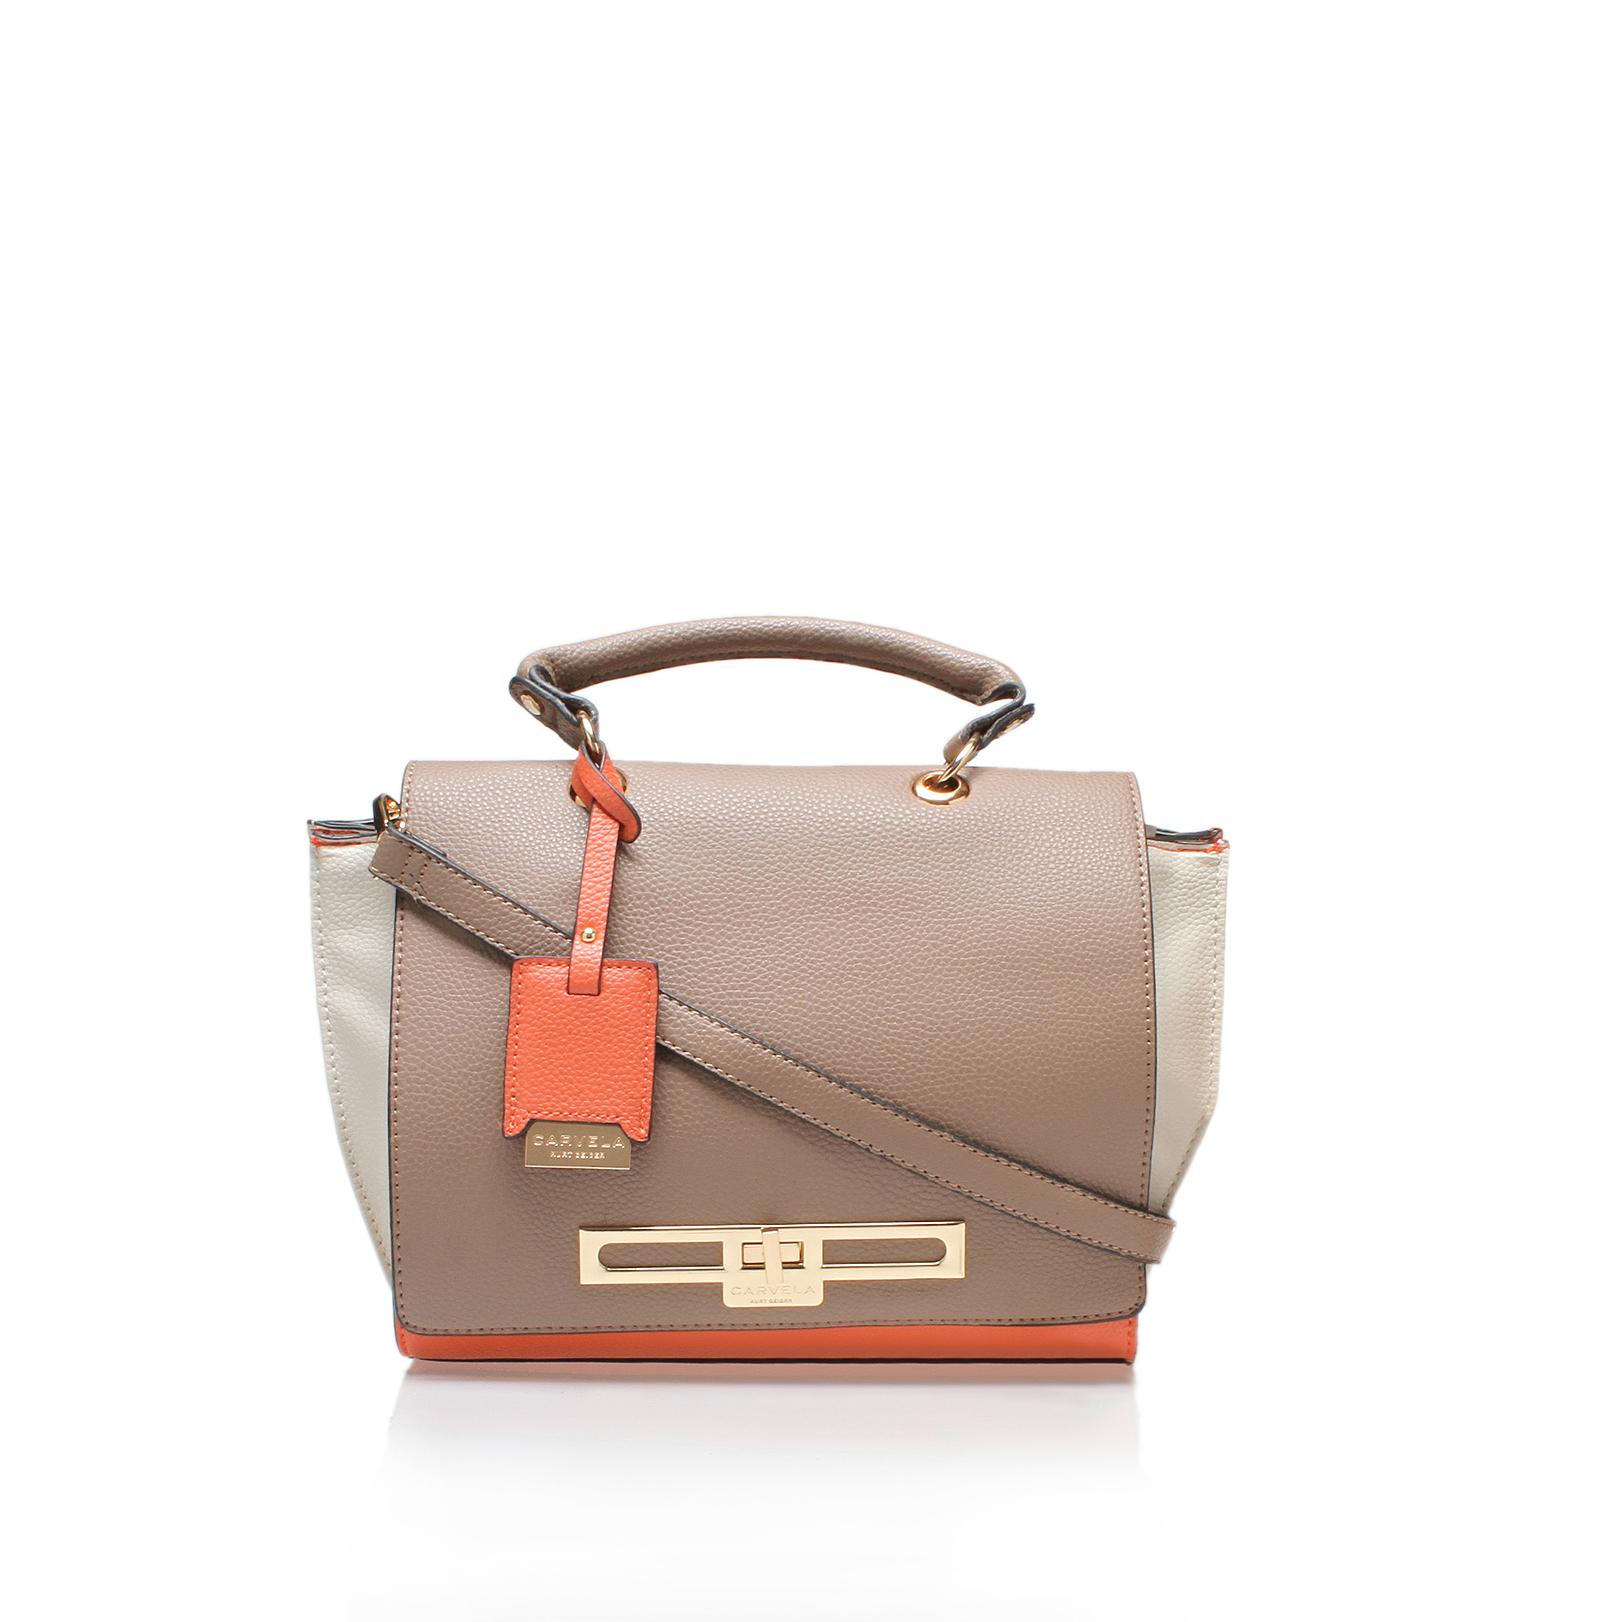 JASMINE LOCK BAG